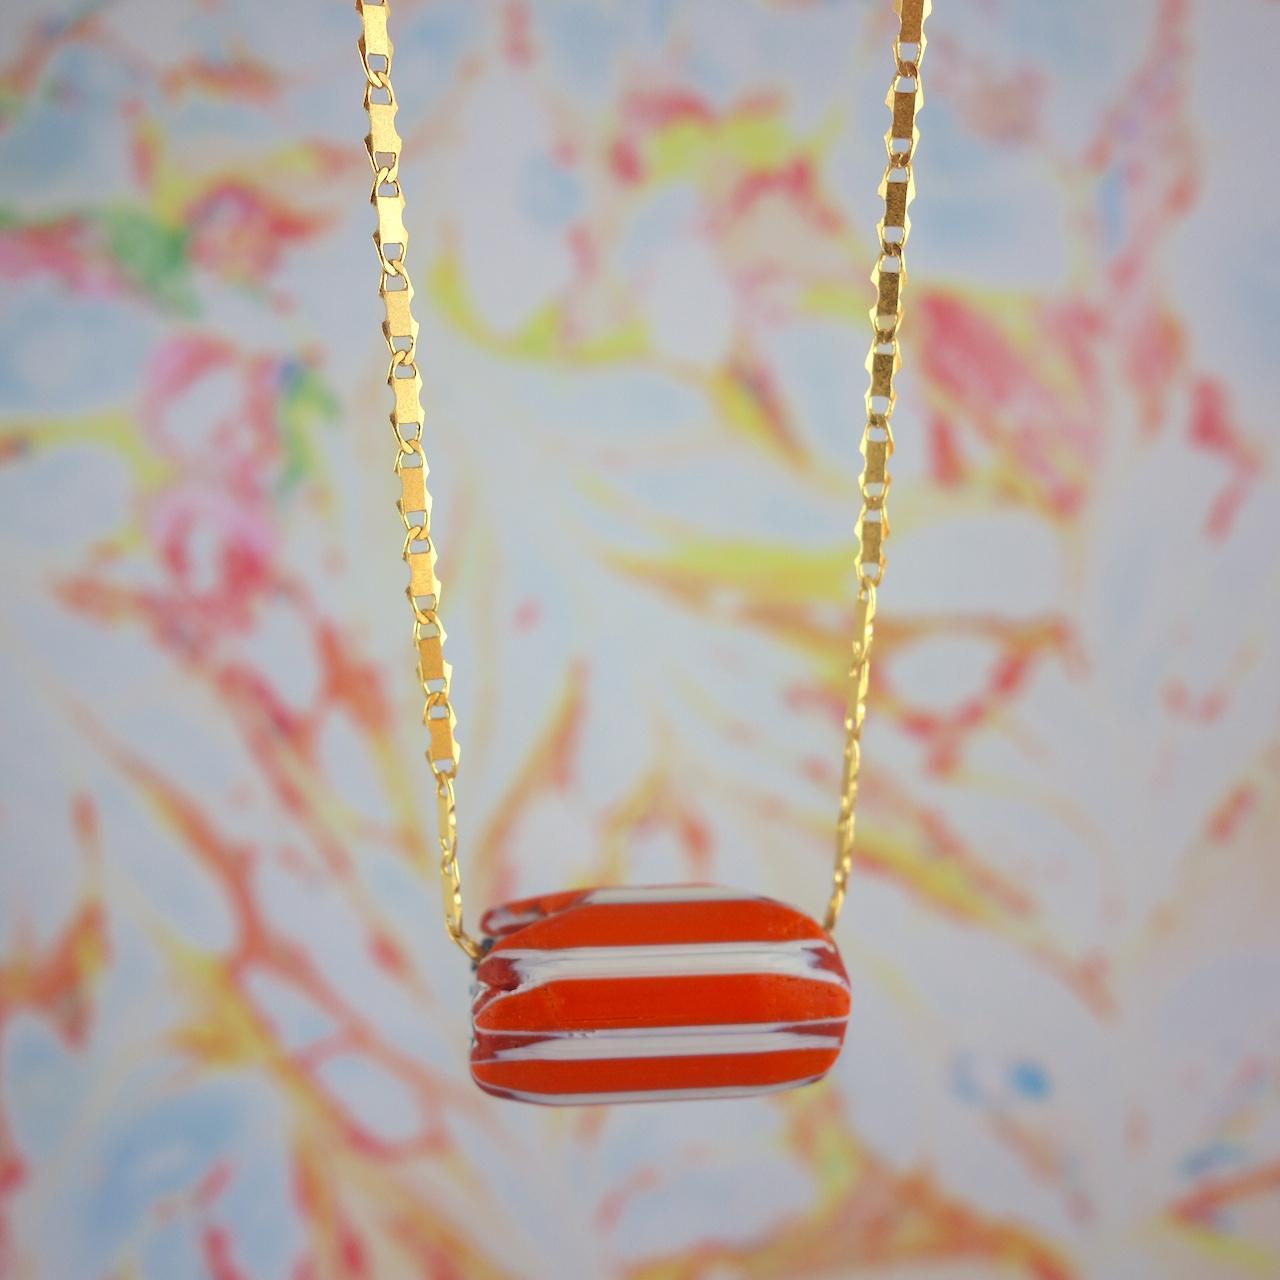 collier-alma-roulotte-perle-murano-vintage-orange-dore-or-fin-boheme